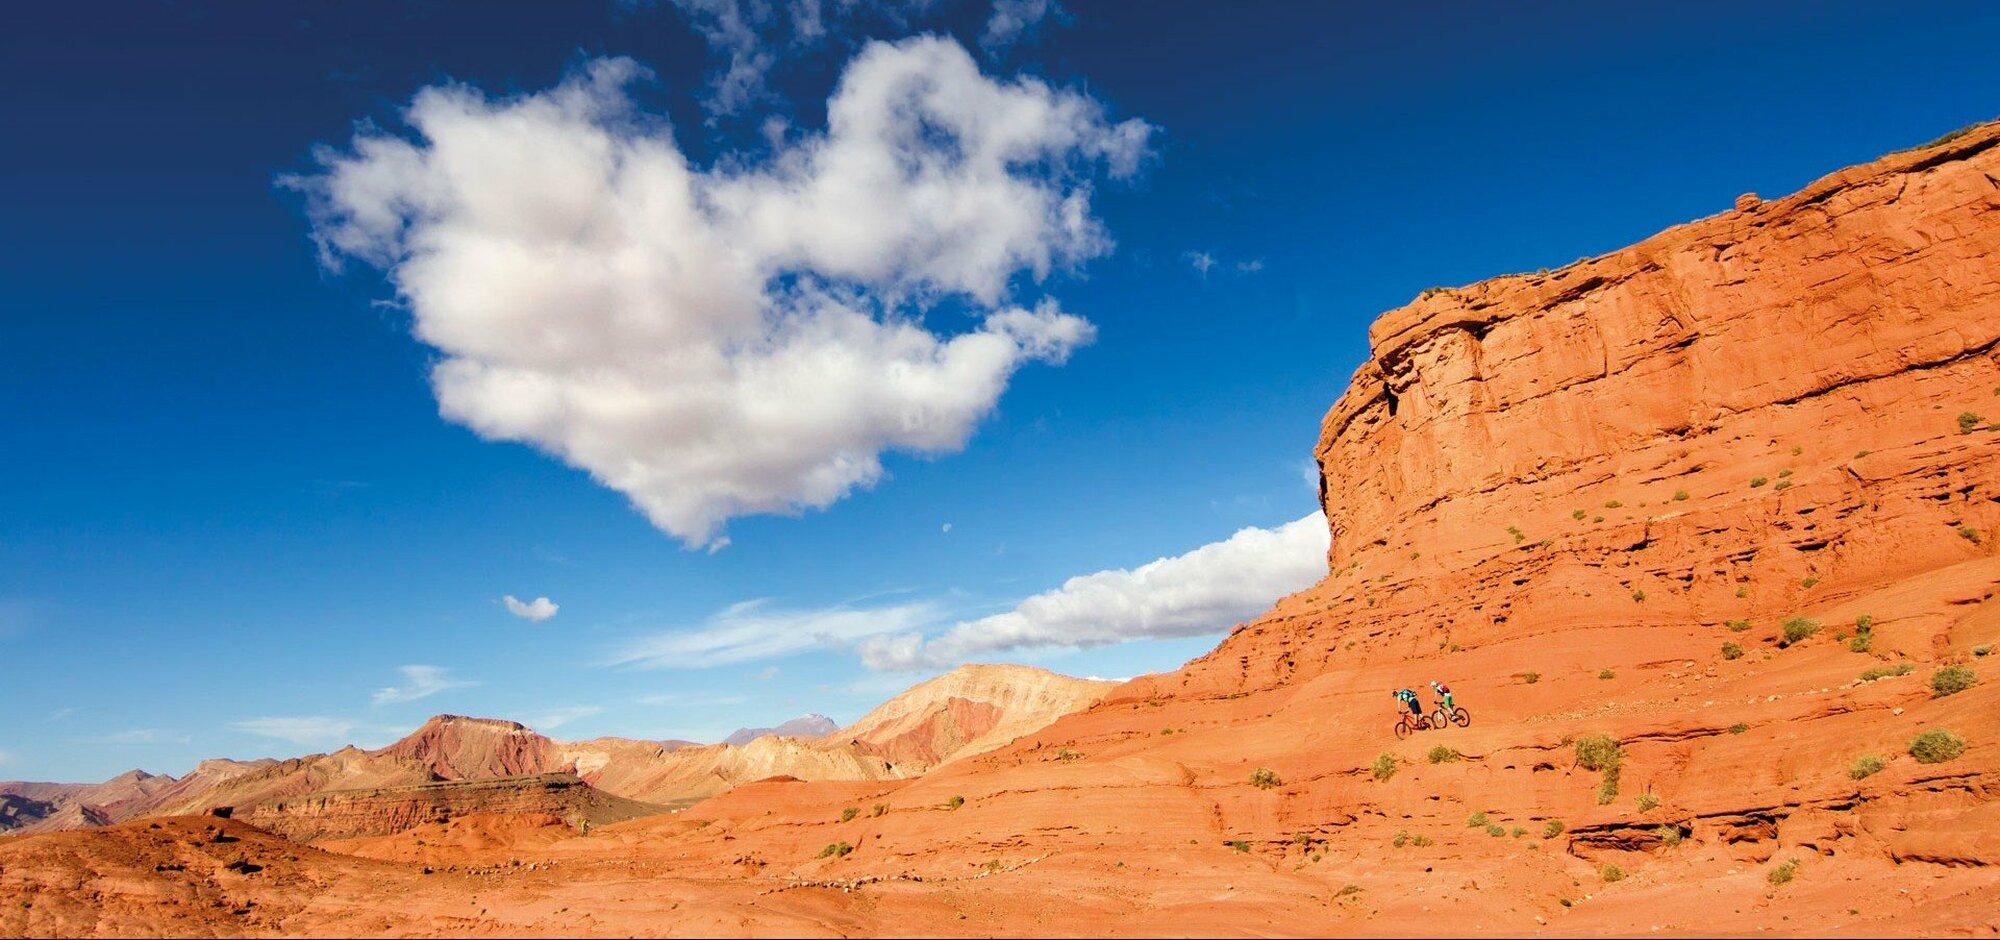 Auf den Spuren der Berber – Mountainbiken in Marokko